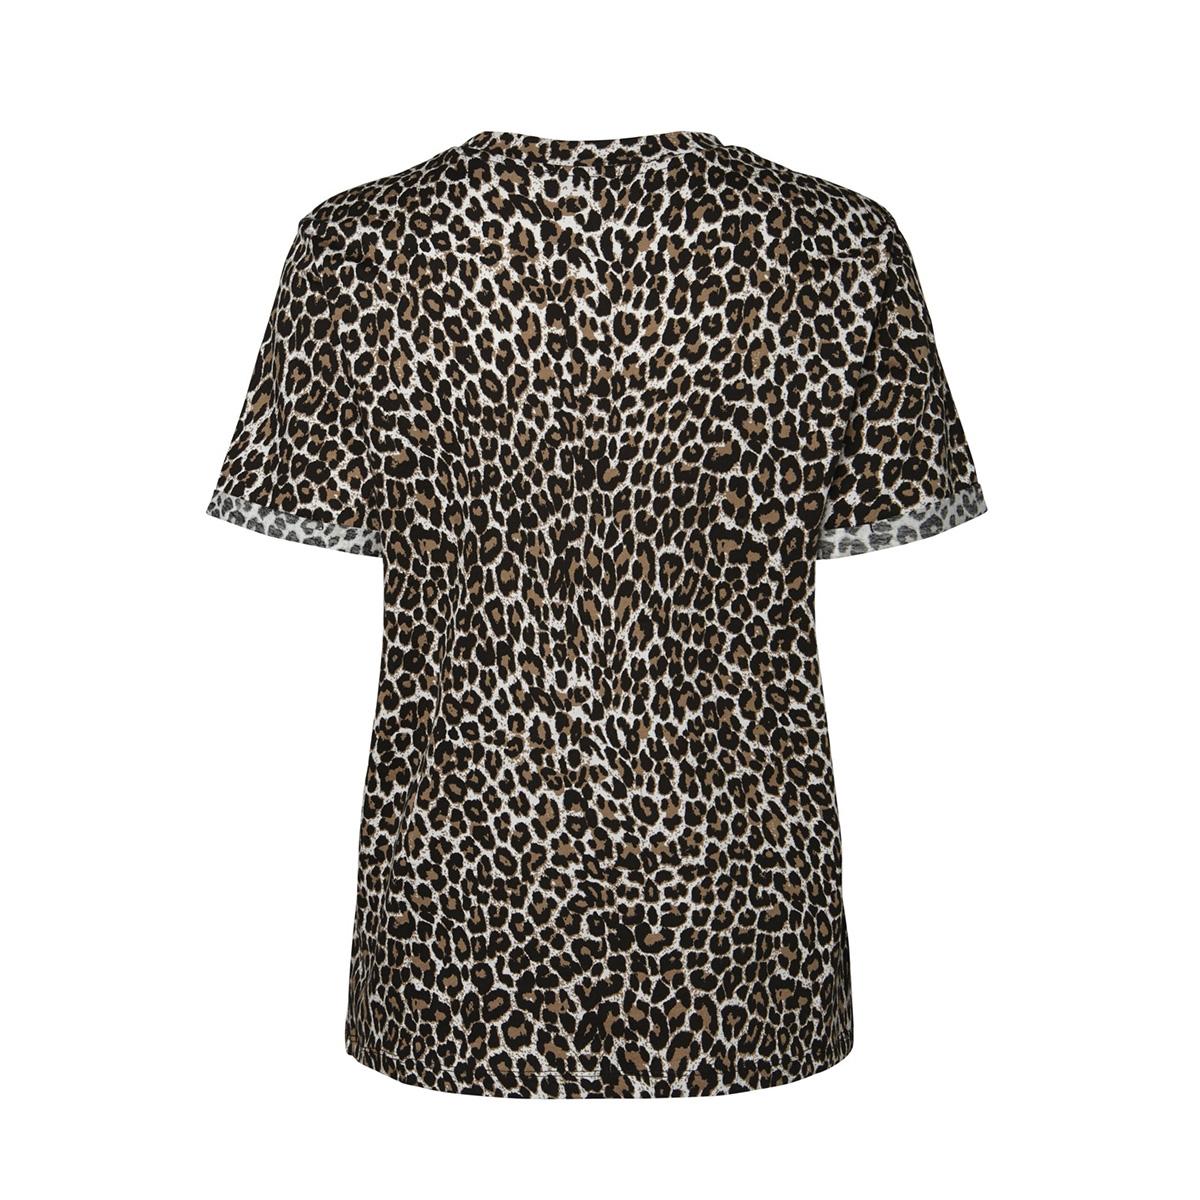 pctia ss tee jit 17096077 pieces t-shirt black/leopard